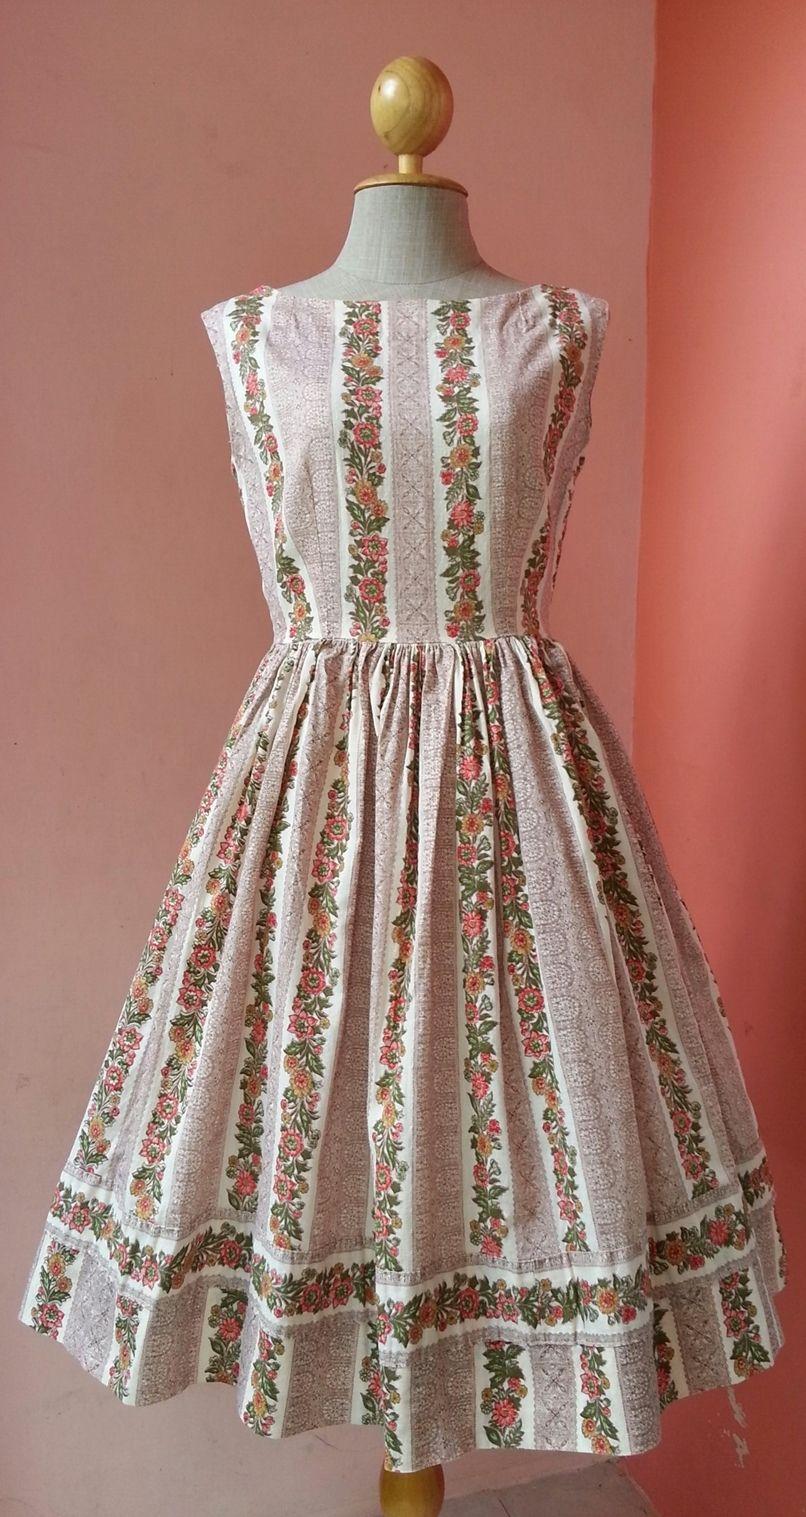 1950s Dress Casual Dress Summer Dress Womens Dresses Day Dress Sundress Vintage 50s Floral Print Cotton Dr Vintage Fashion 1950s Clothes Design Vintage Outfits [ 1517 x 806 Pixel ]